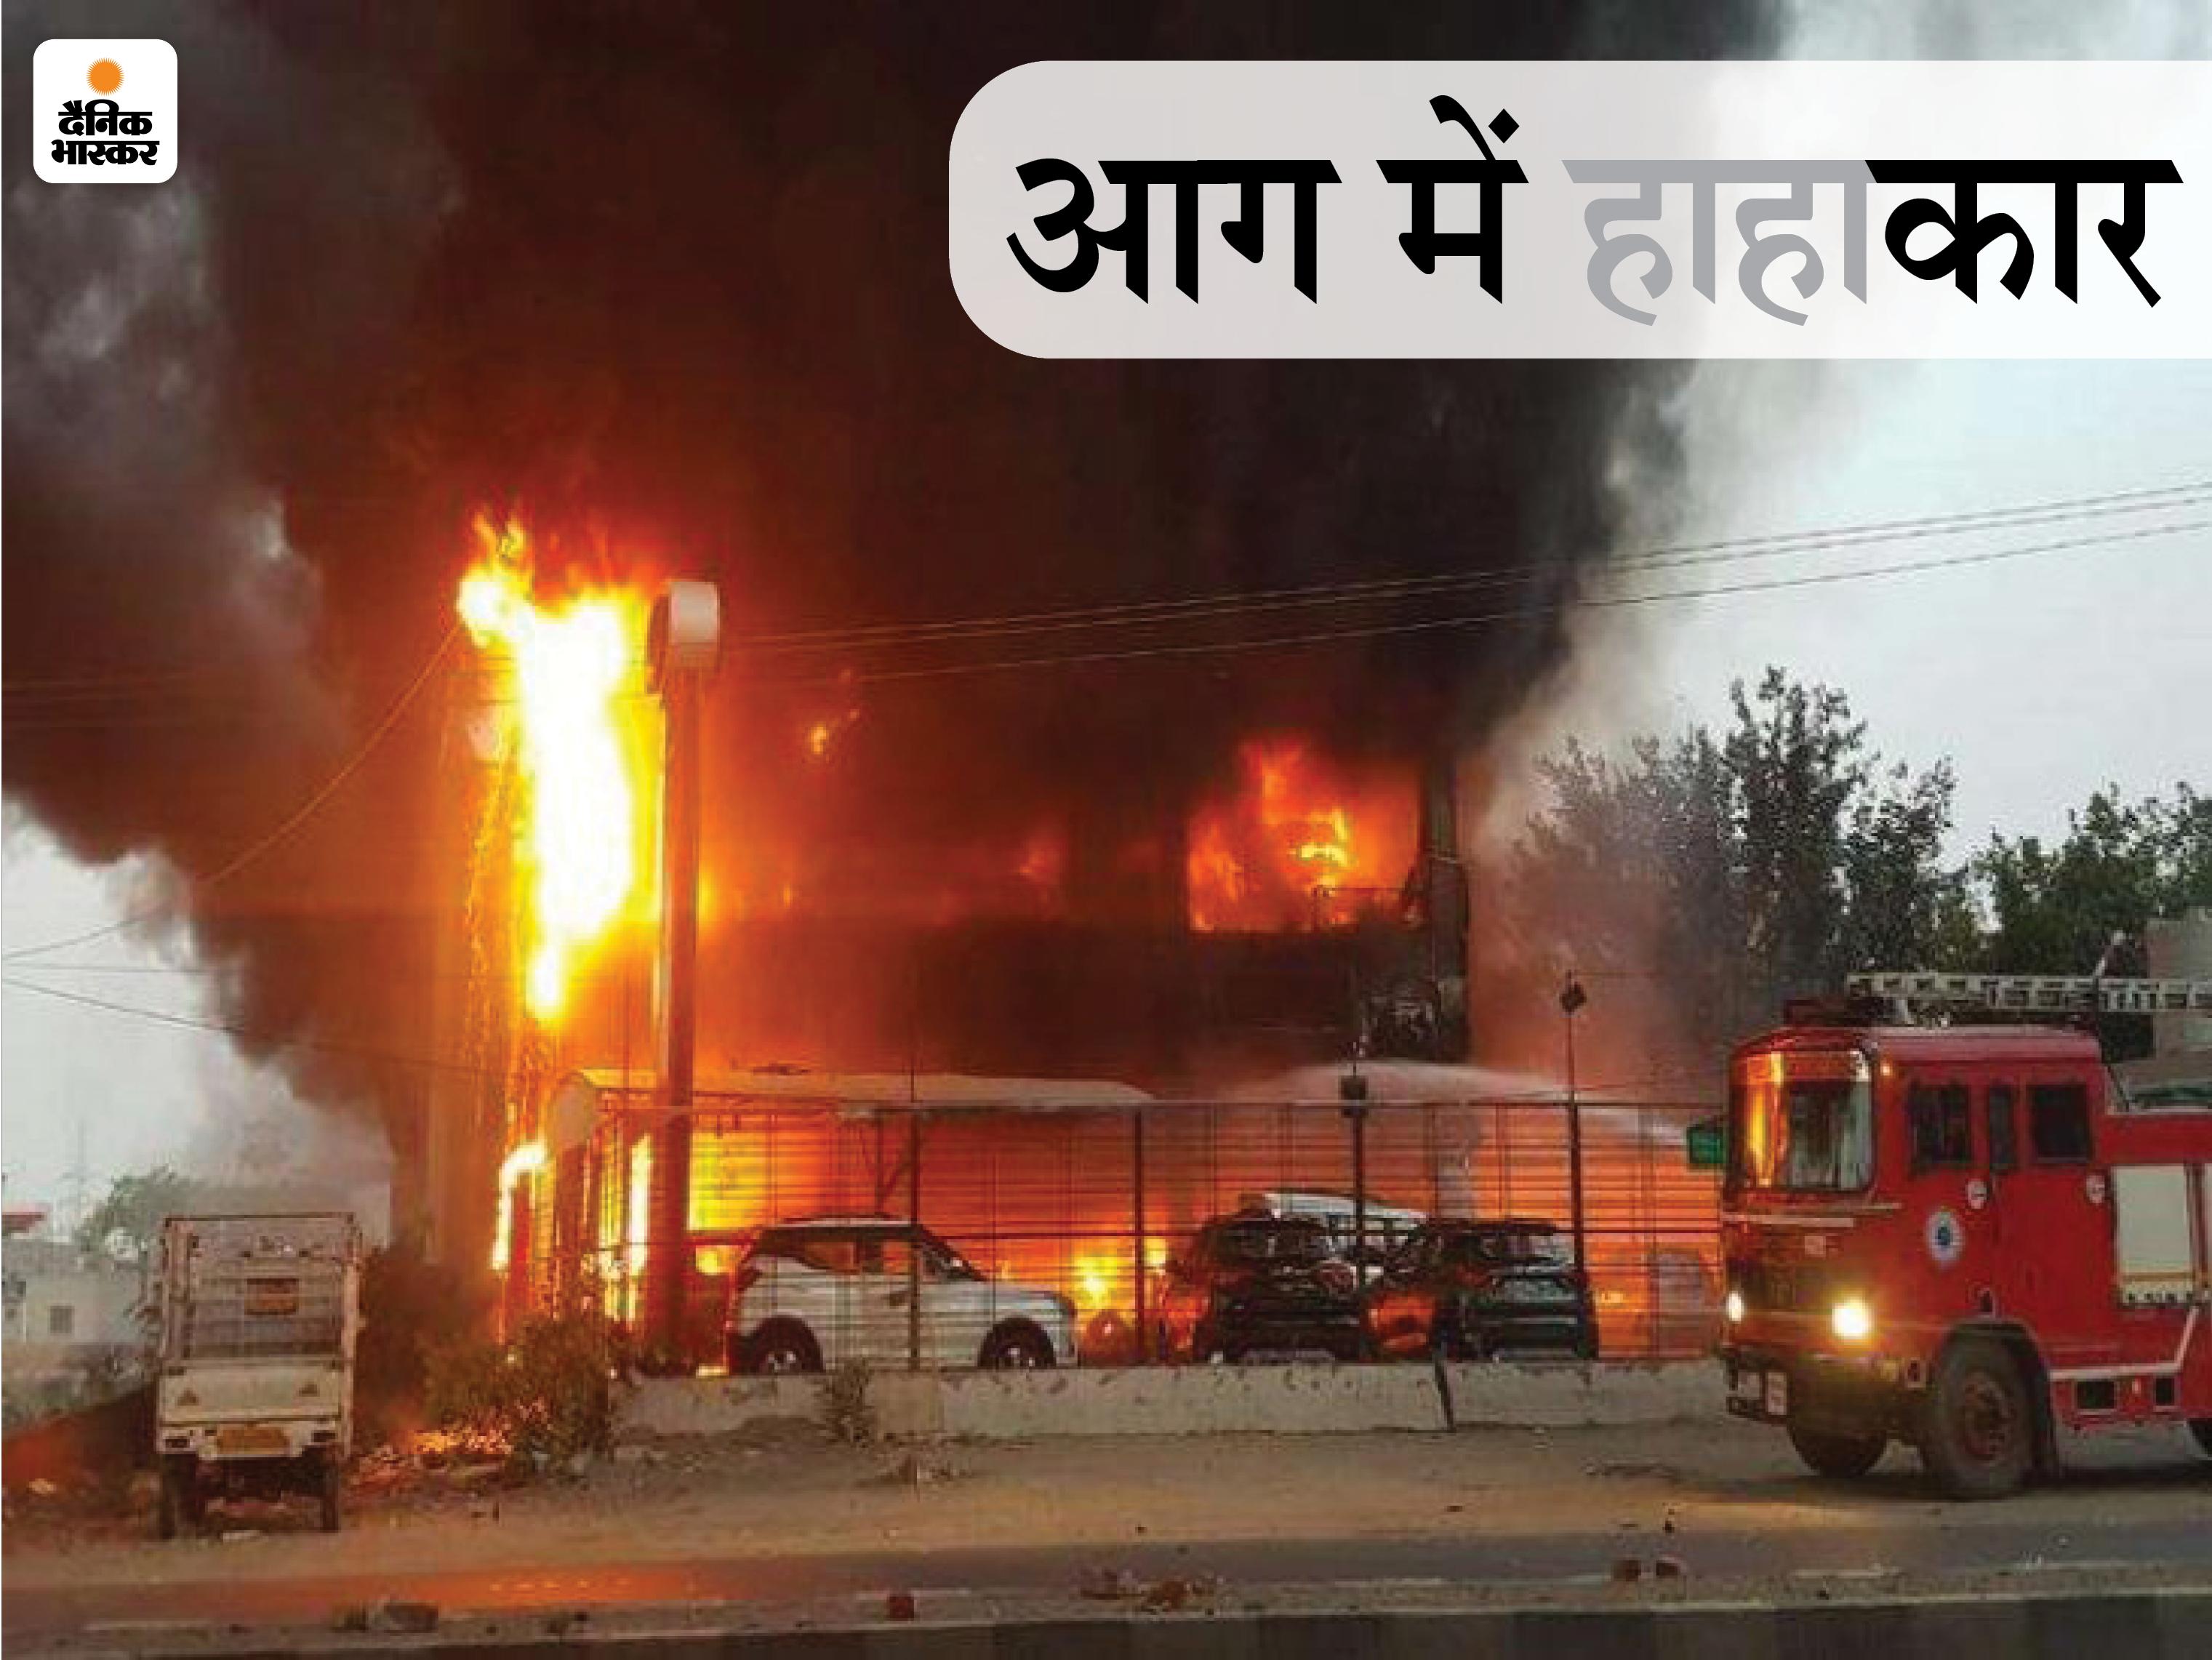 महिंद्रा के शोरूम में लगी भीषण आग से मची अफरातफरी, दर्जनाें कारें जली, करोड़ों रुपए का नुकसान|पंजाब,Punjab - Dainik Bhaskar